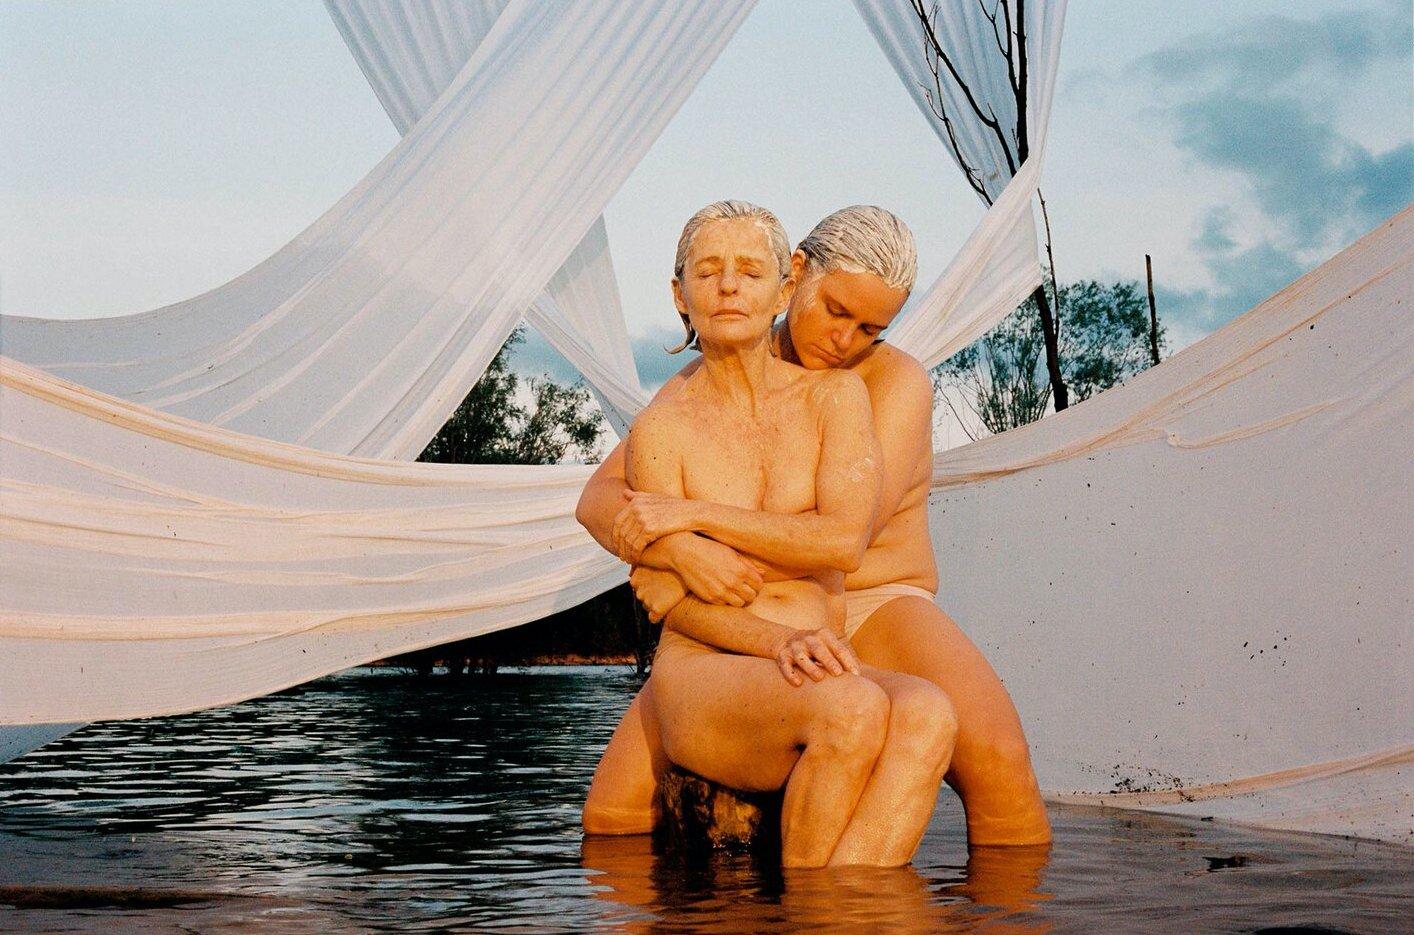 La fotografia intima e universale di Lucas Garrido | Collater.al